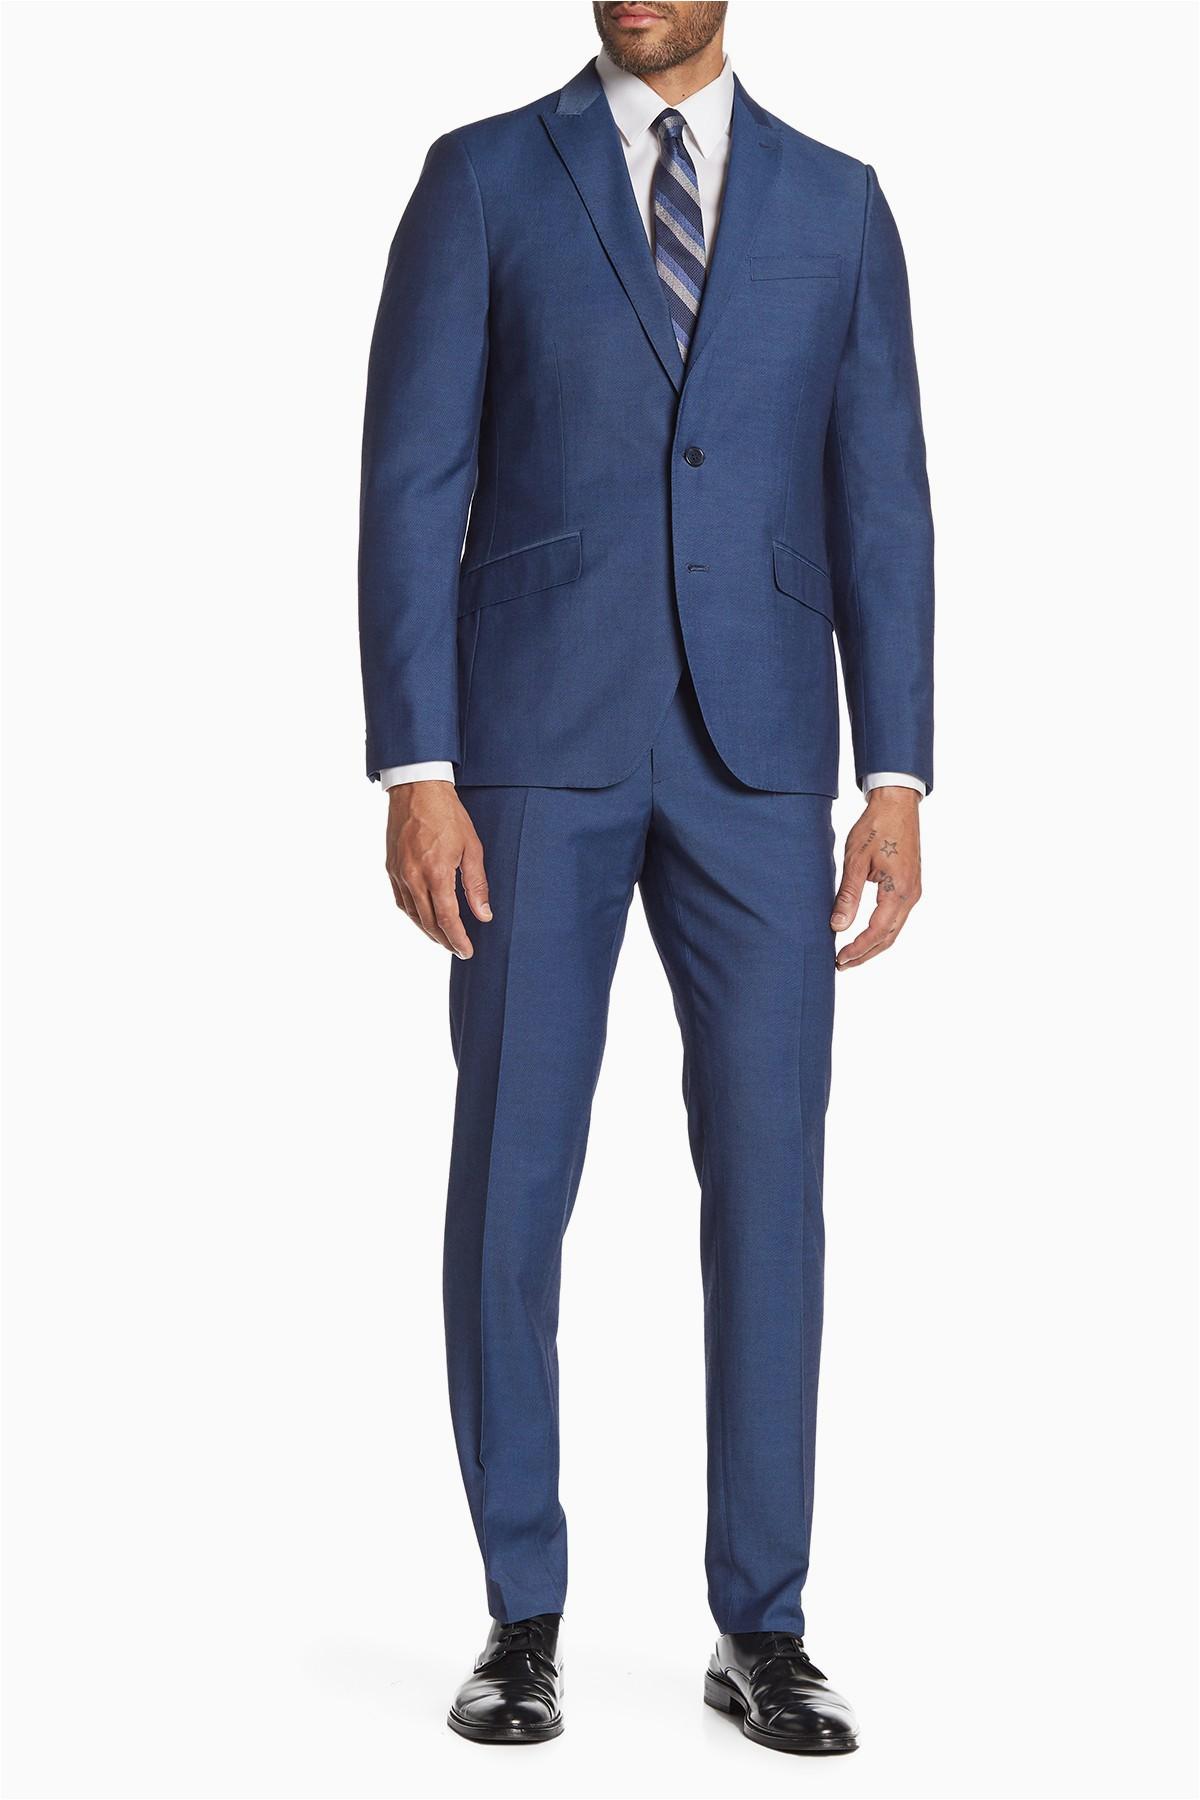 Savile Row Bath Rugs Savile Row Co Brixton Extra Trim Fit Suit